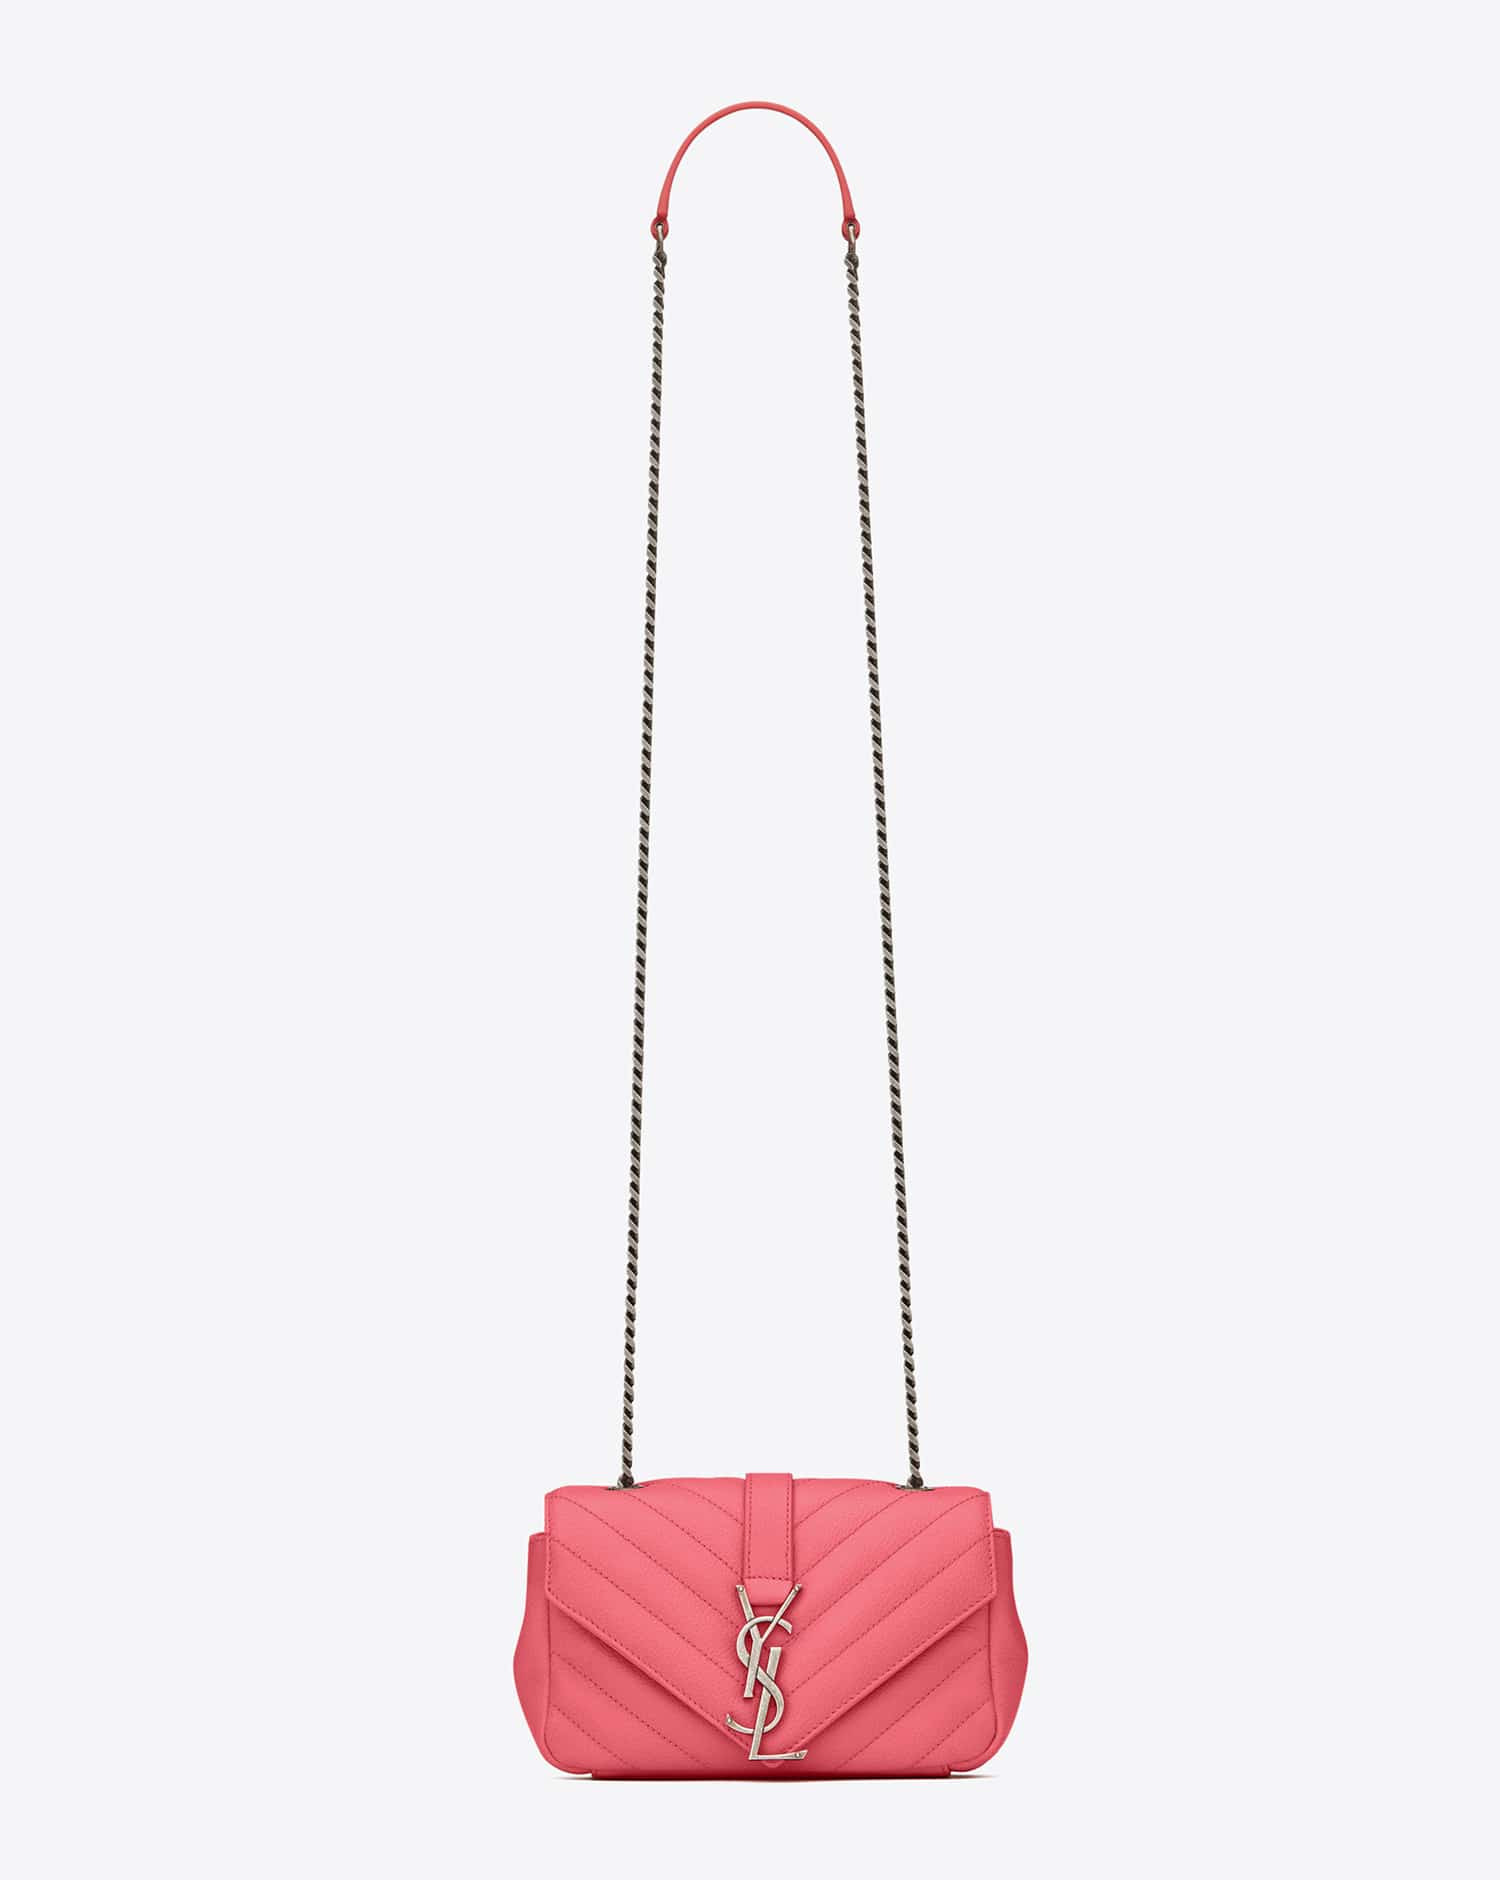 saint laurent bags sale - classic nano sac de jour bag in black and multicolor prairie ...